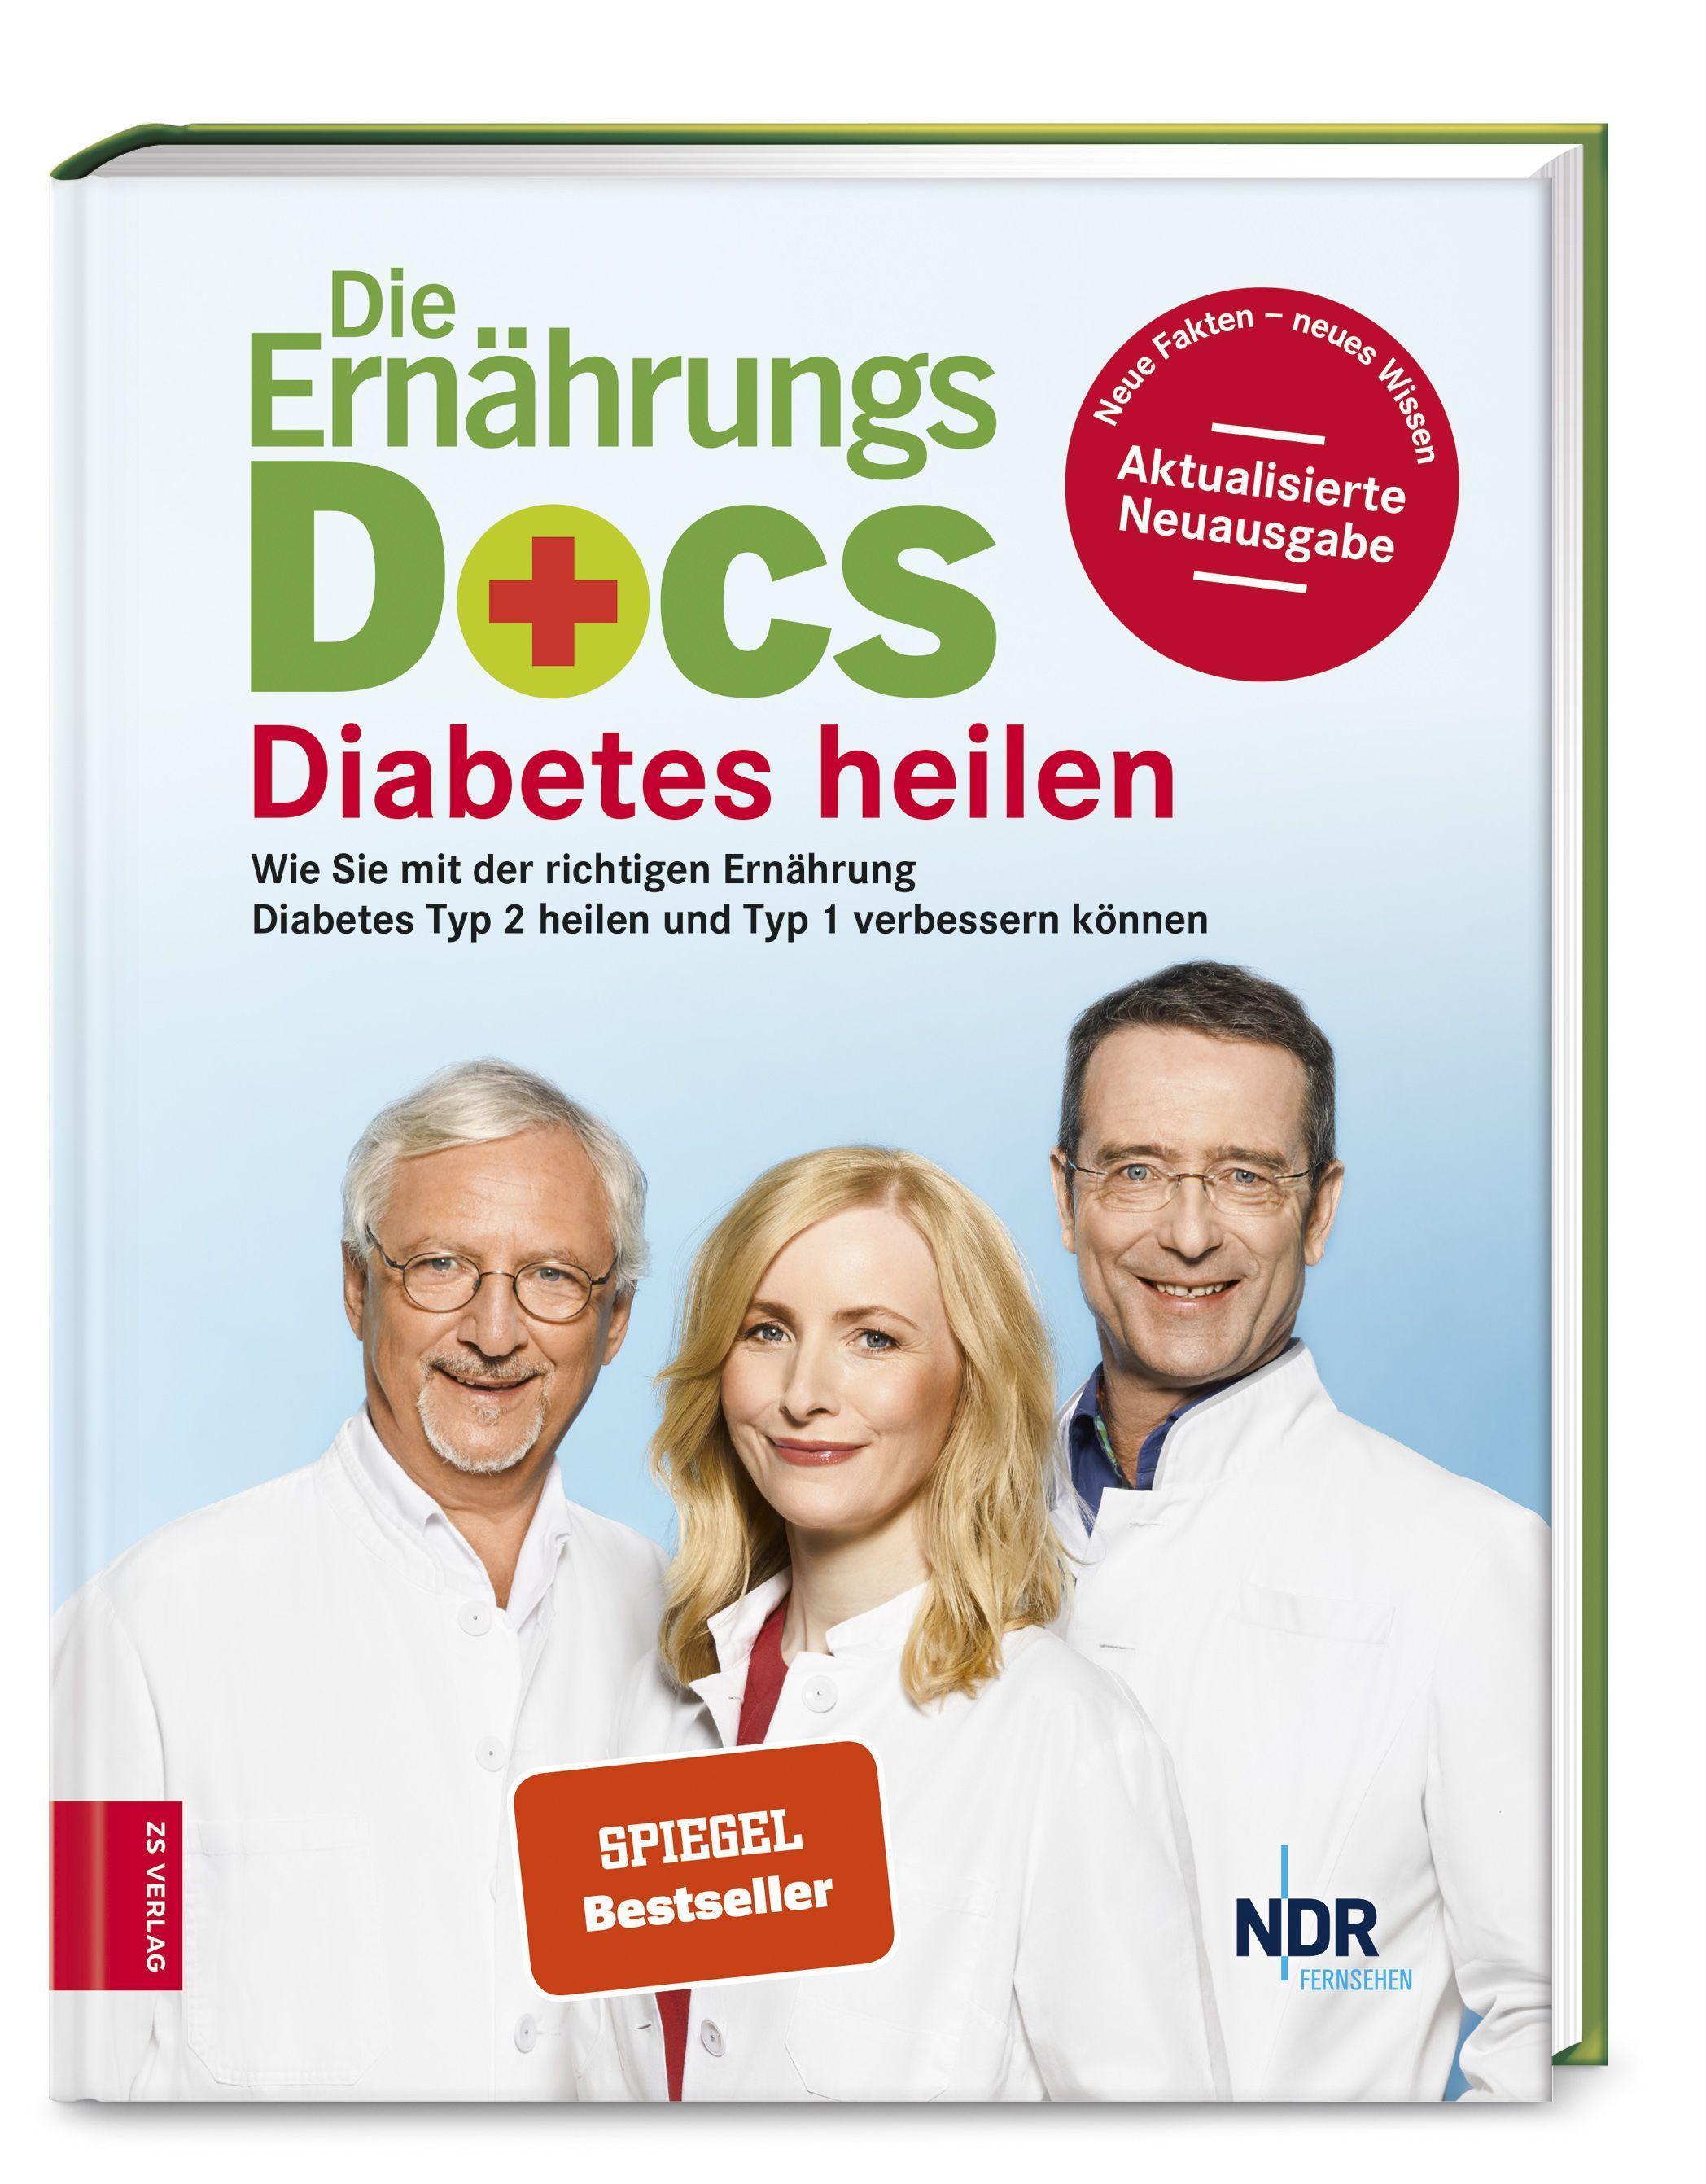 Cover: 9783898839075 | Die Ernährungs-Docs - Diabetes heilen | Matthias Riedl | Buch | 2019